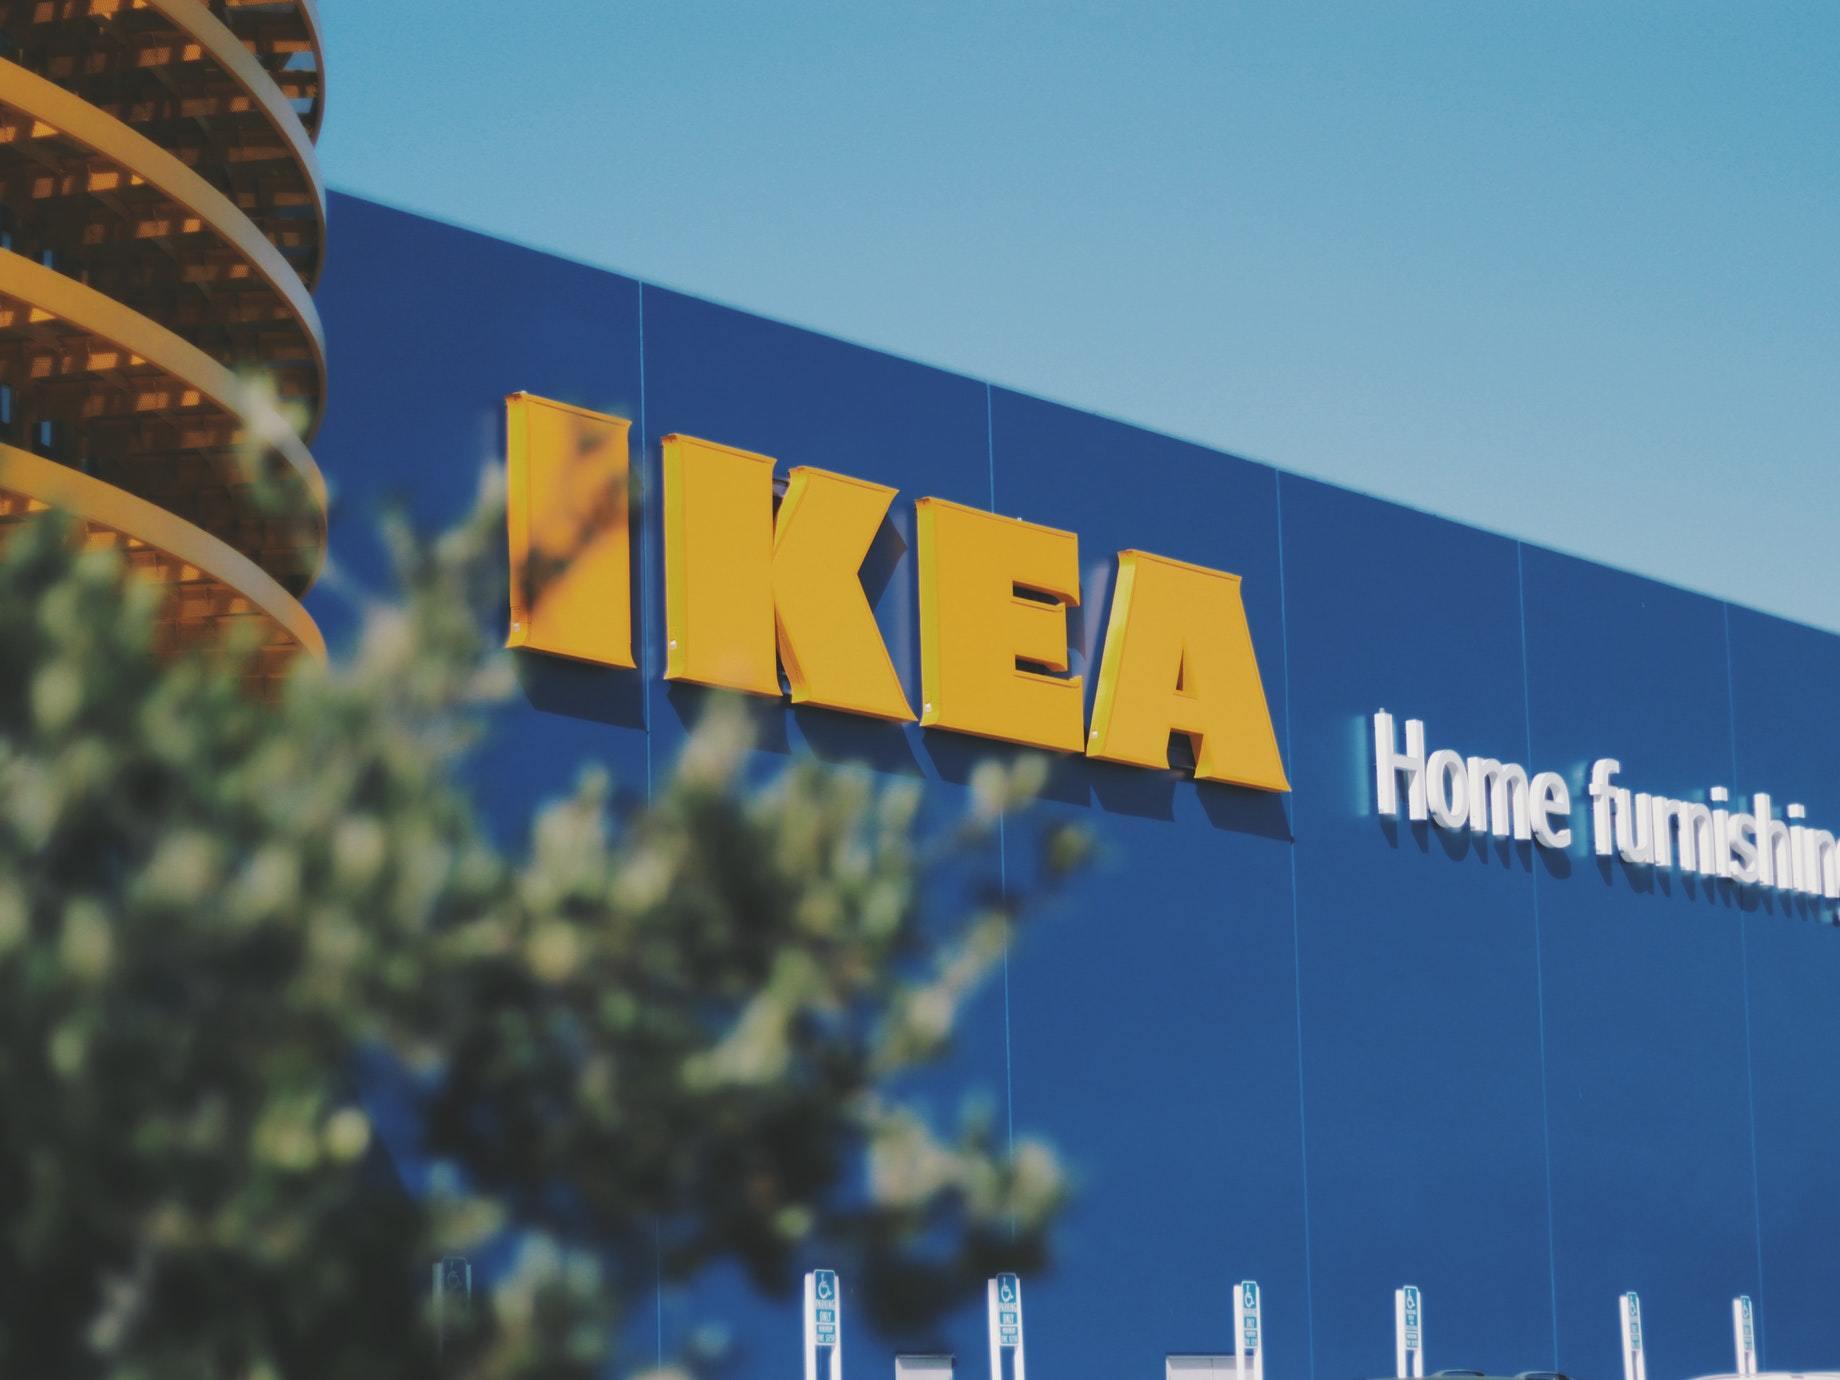 為什麼找不到第二個IKEA?3個重點告訴你「越了解消費者的商品用途,越能掌握創新施力點」